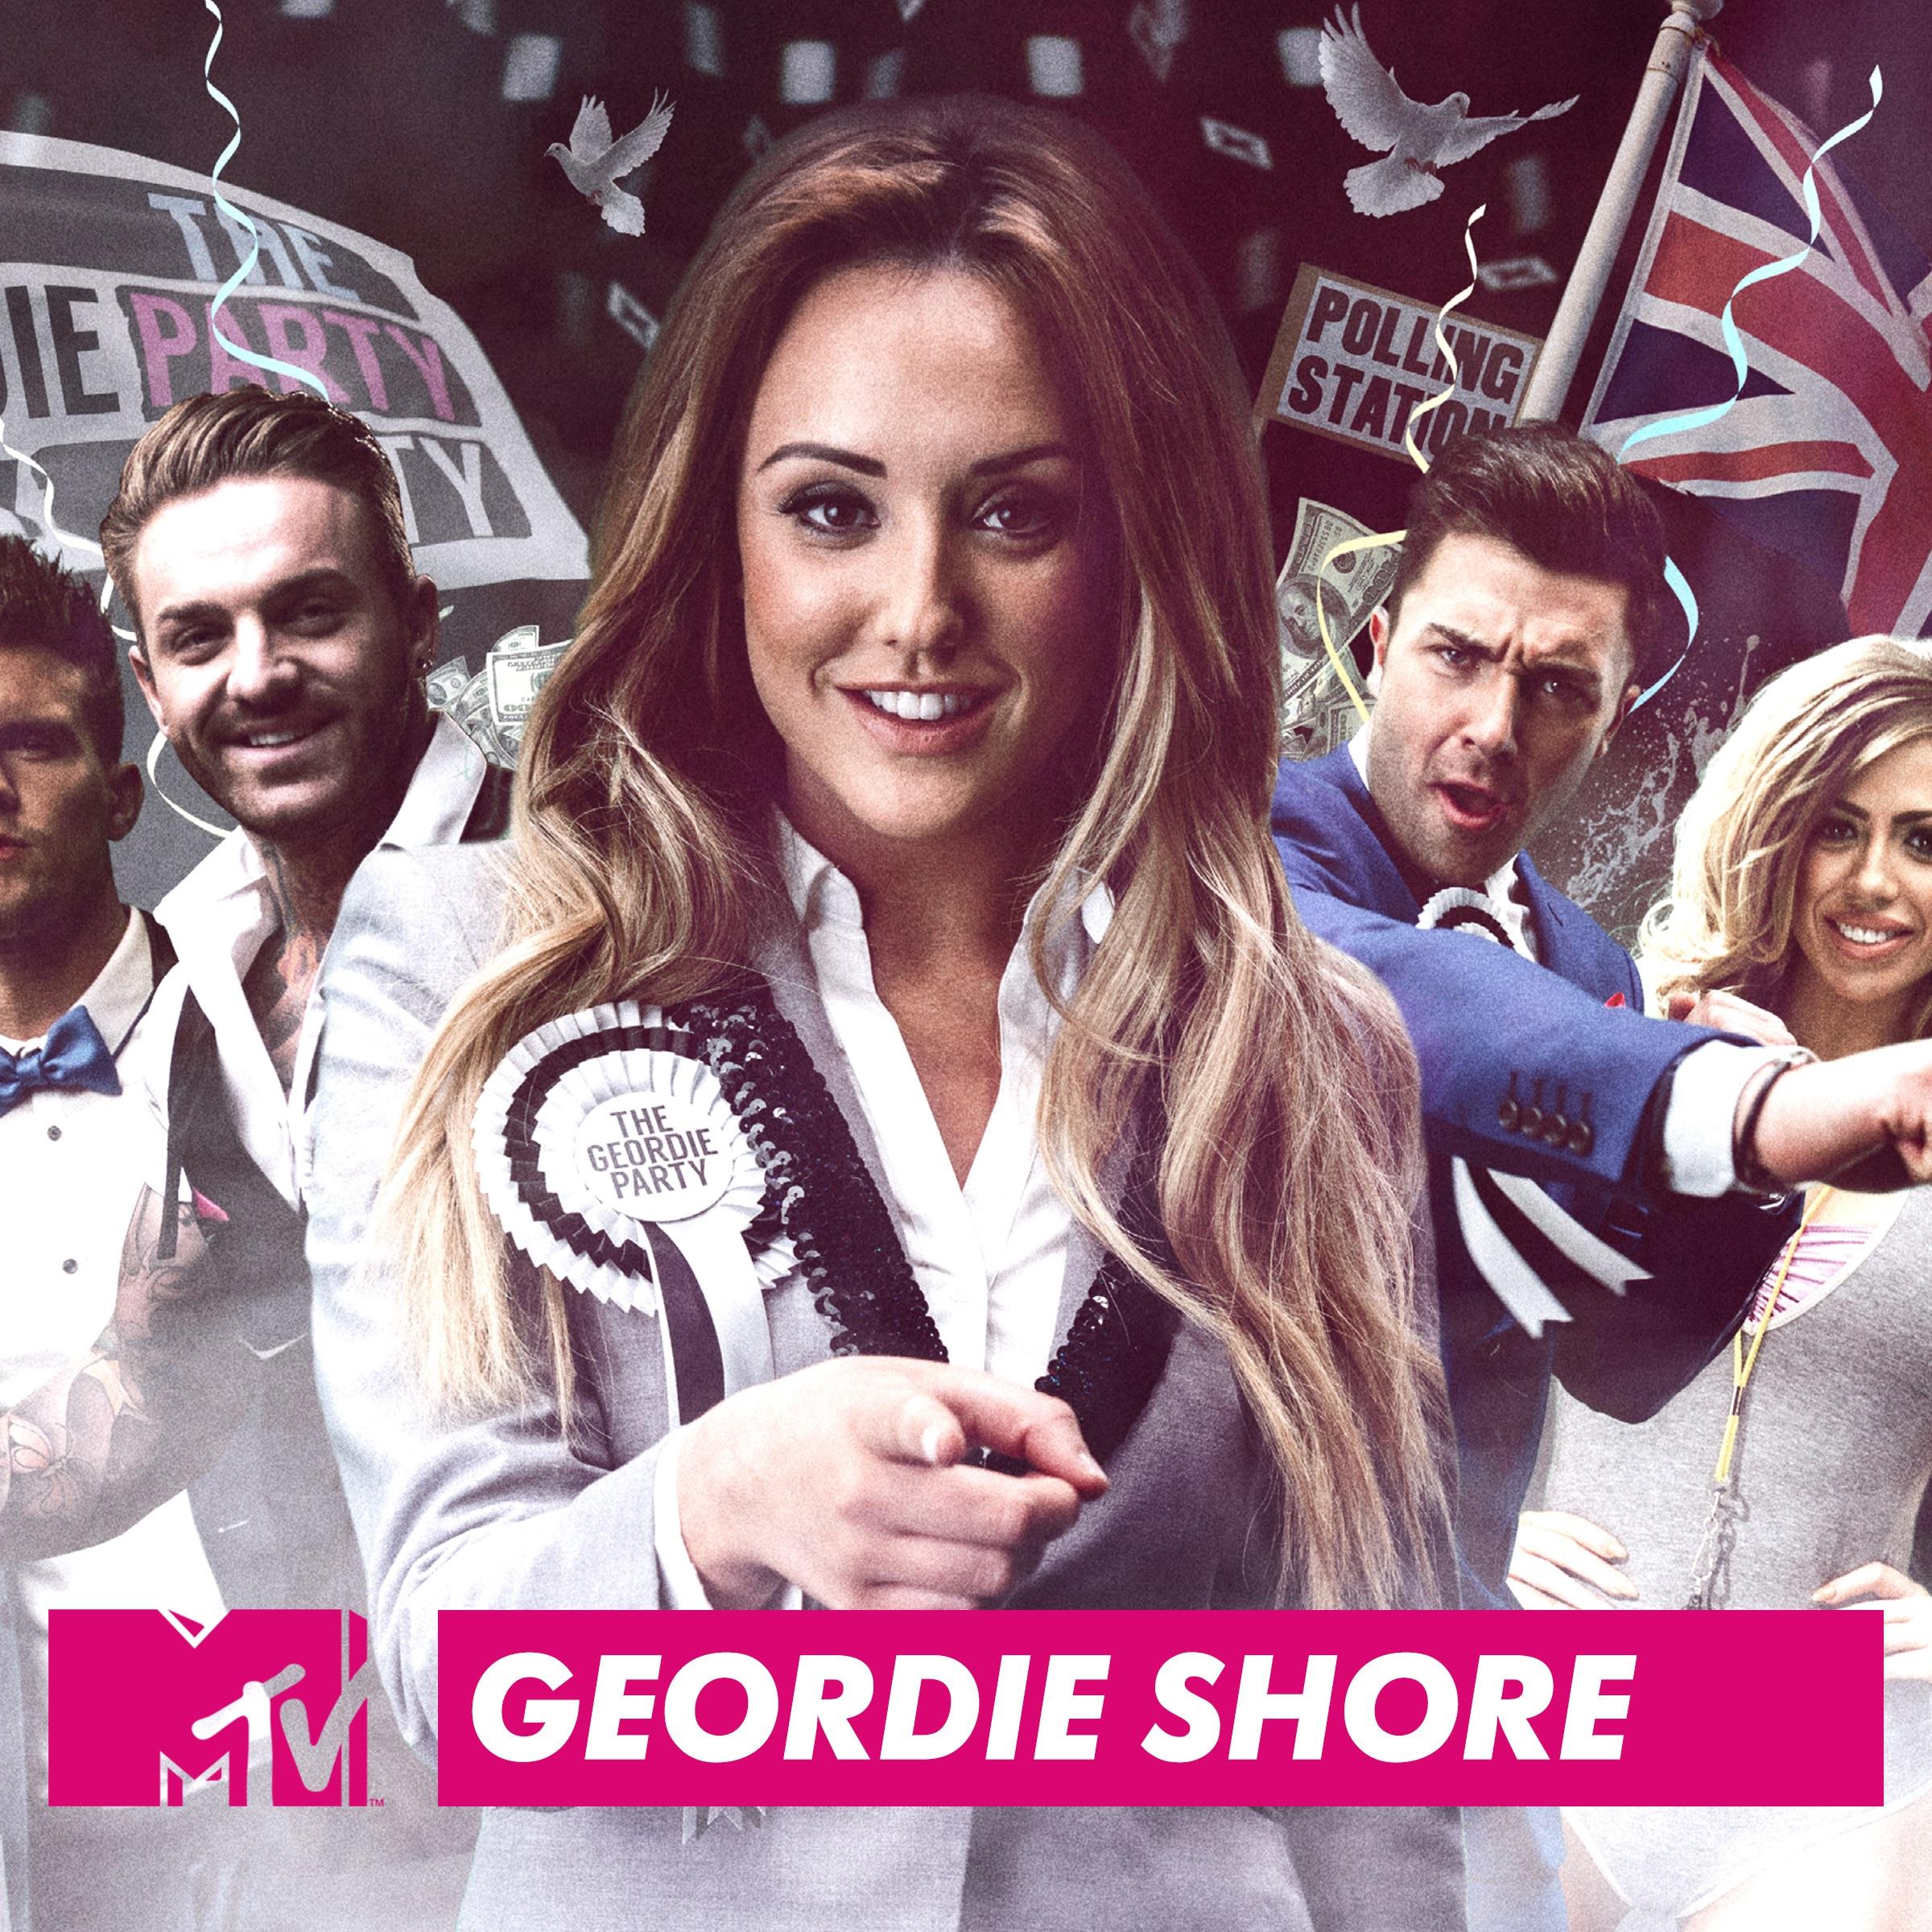 image Geordie shore 10 years on 1